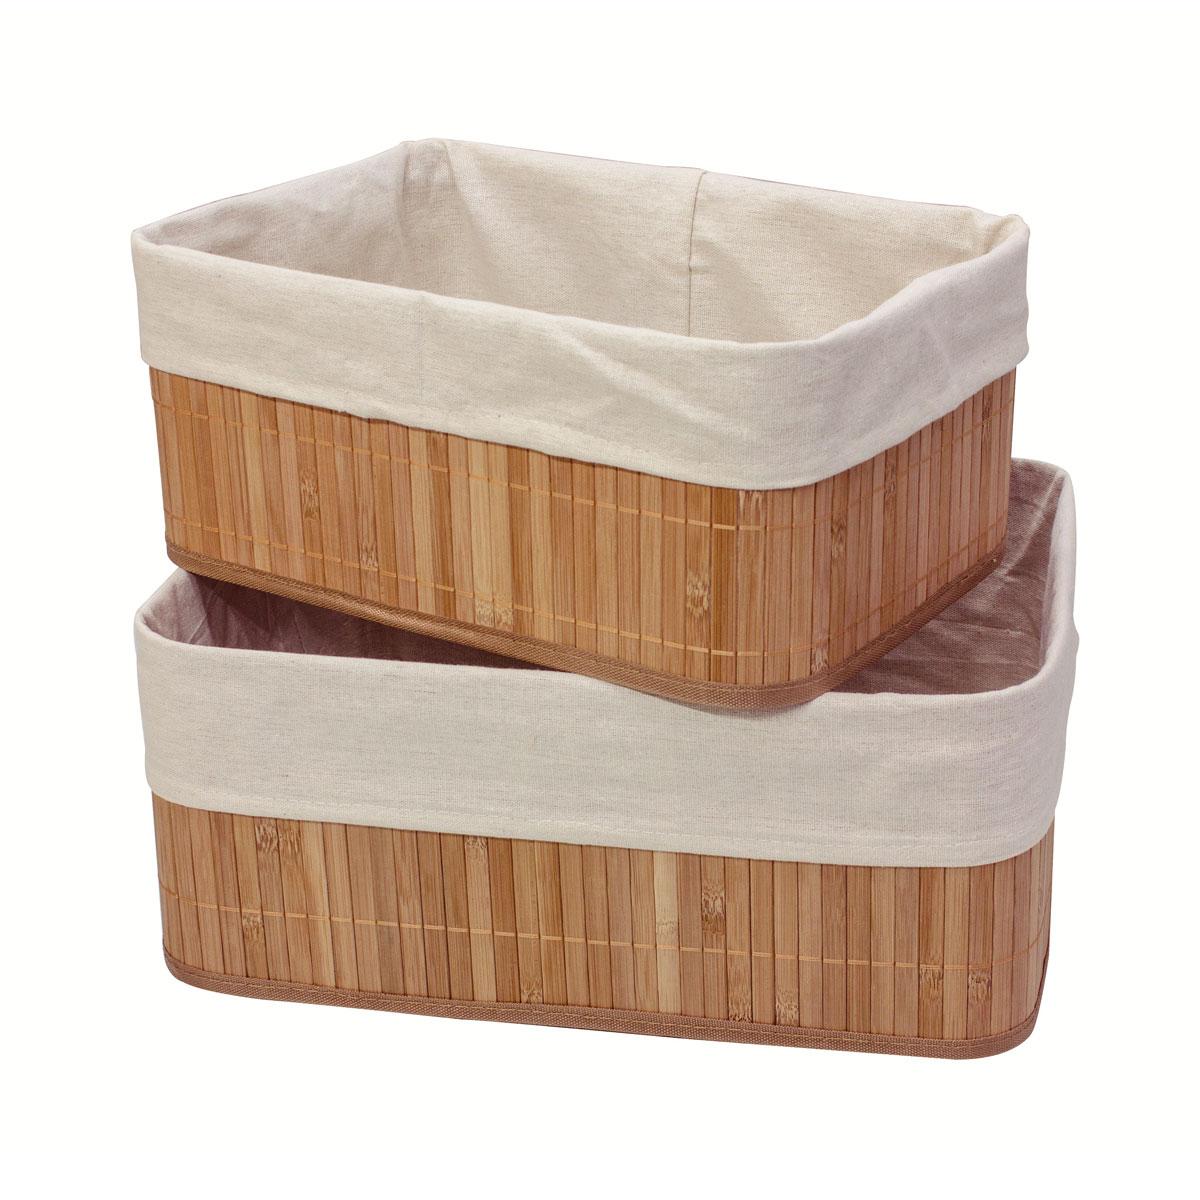 Набор коробов для хранения Ecowoo Нежность, 2 предмета, цвет: светлое деревоBBS-9Марка Ecowoo предлагает новое удобное решение для хранения полезных мелочей - набор универсальных коробов из бамбука. Прекрасная вместительность, экологичный материал и актуальный дизайн - все эти достоинства делают набор незаменимым в любом доме. Модель Нежность